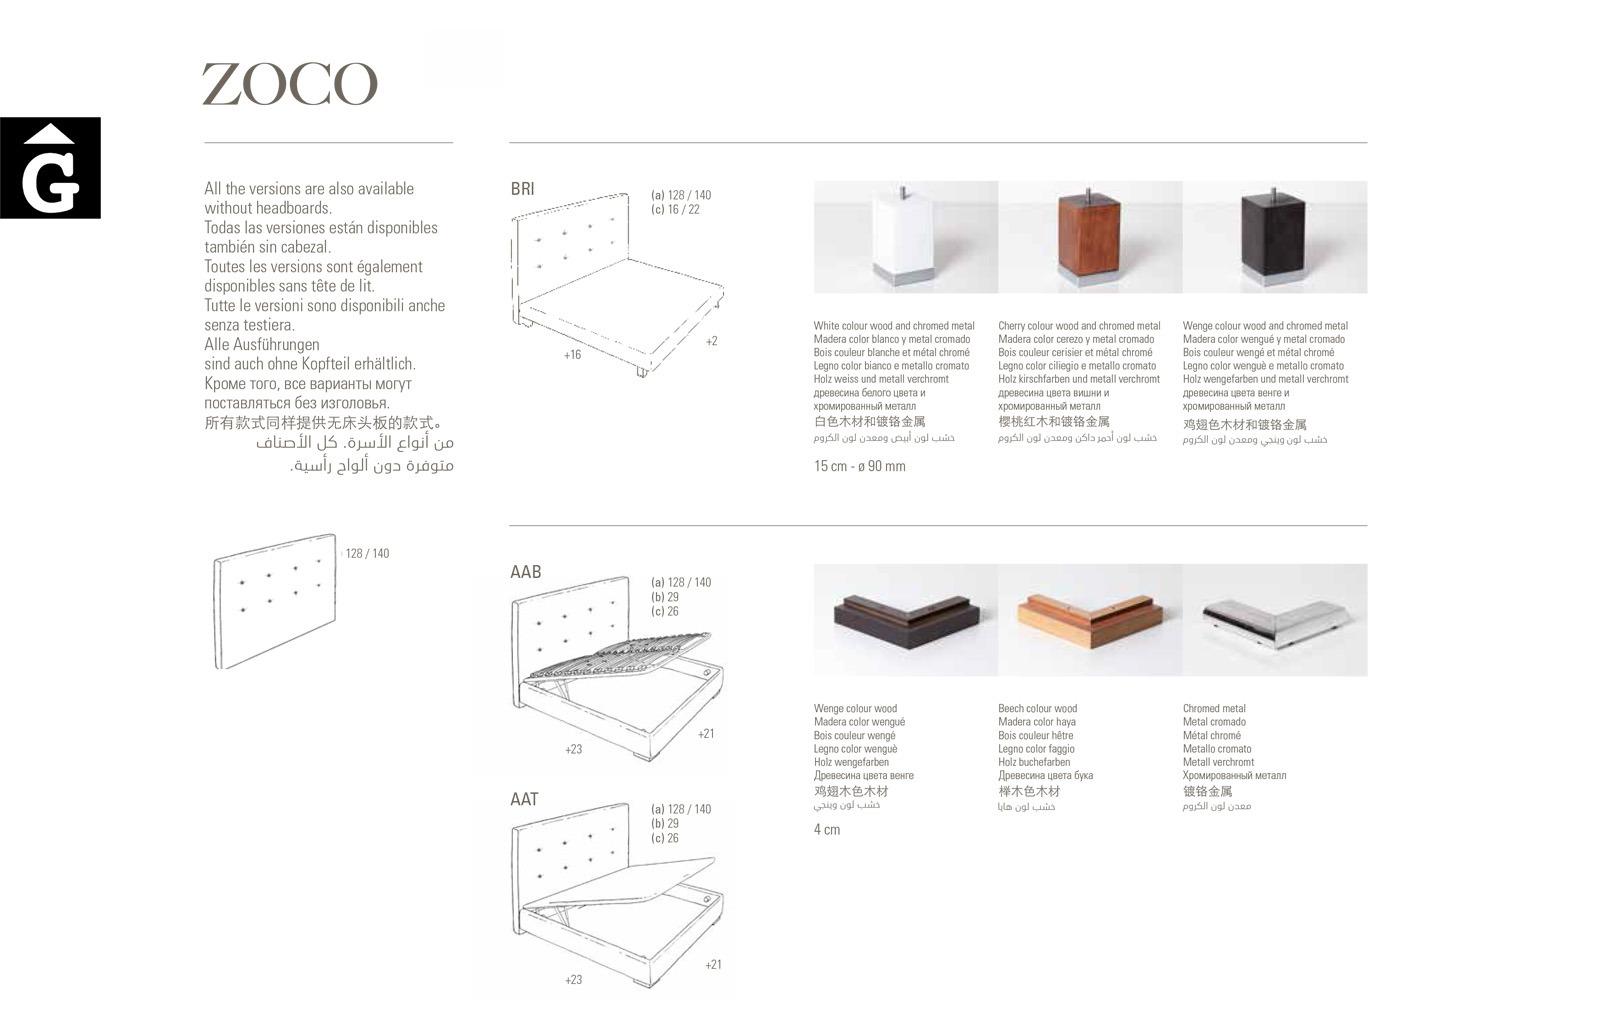 Zoco llit entapissat tecnic Beds Astral Nature descans qualitat natural i salut junts per mobles Gifreu